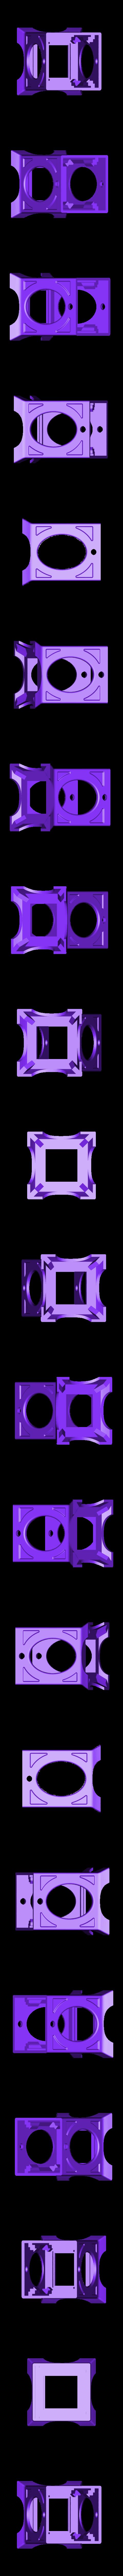 Bottom.STL Télécharger fichier STL gratuit LED Litho-lanterne de vacances • Plan pour impression 3D, Festus440